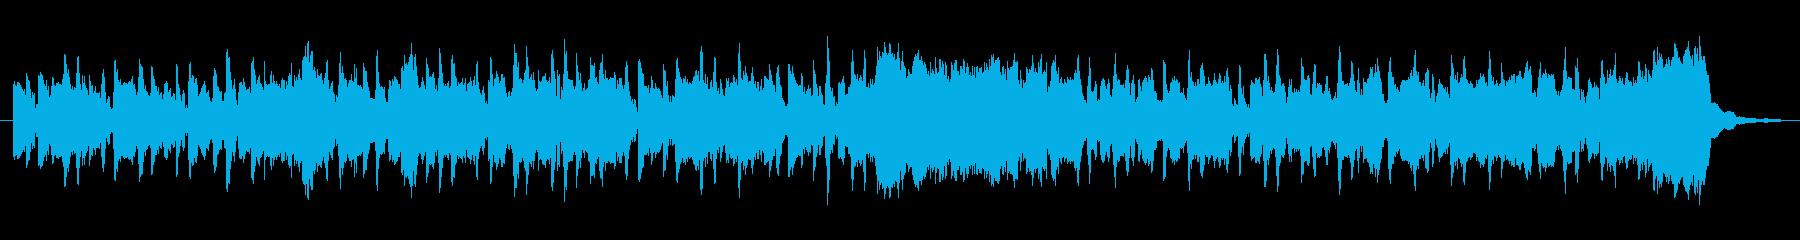 ほのぼのしたファンタジーワルツの再生済みの波形